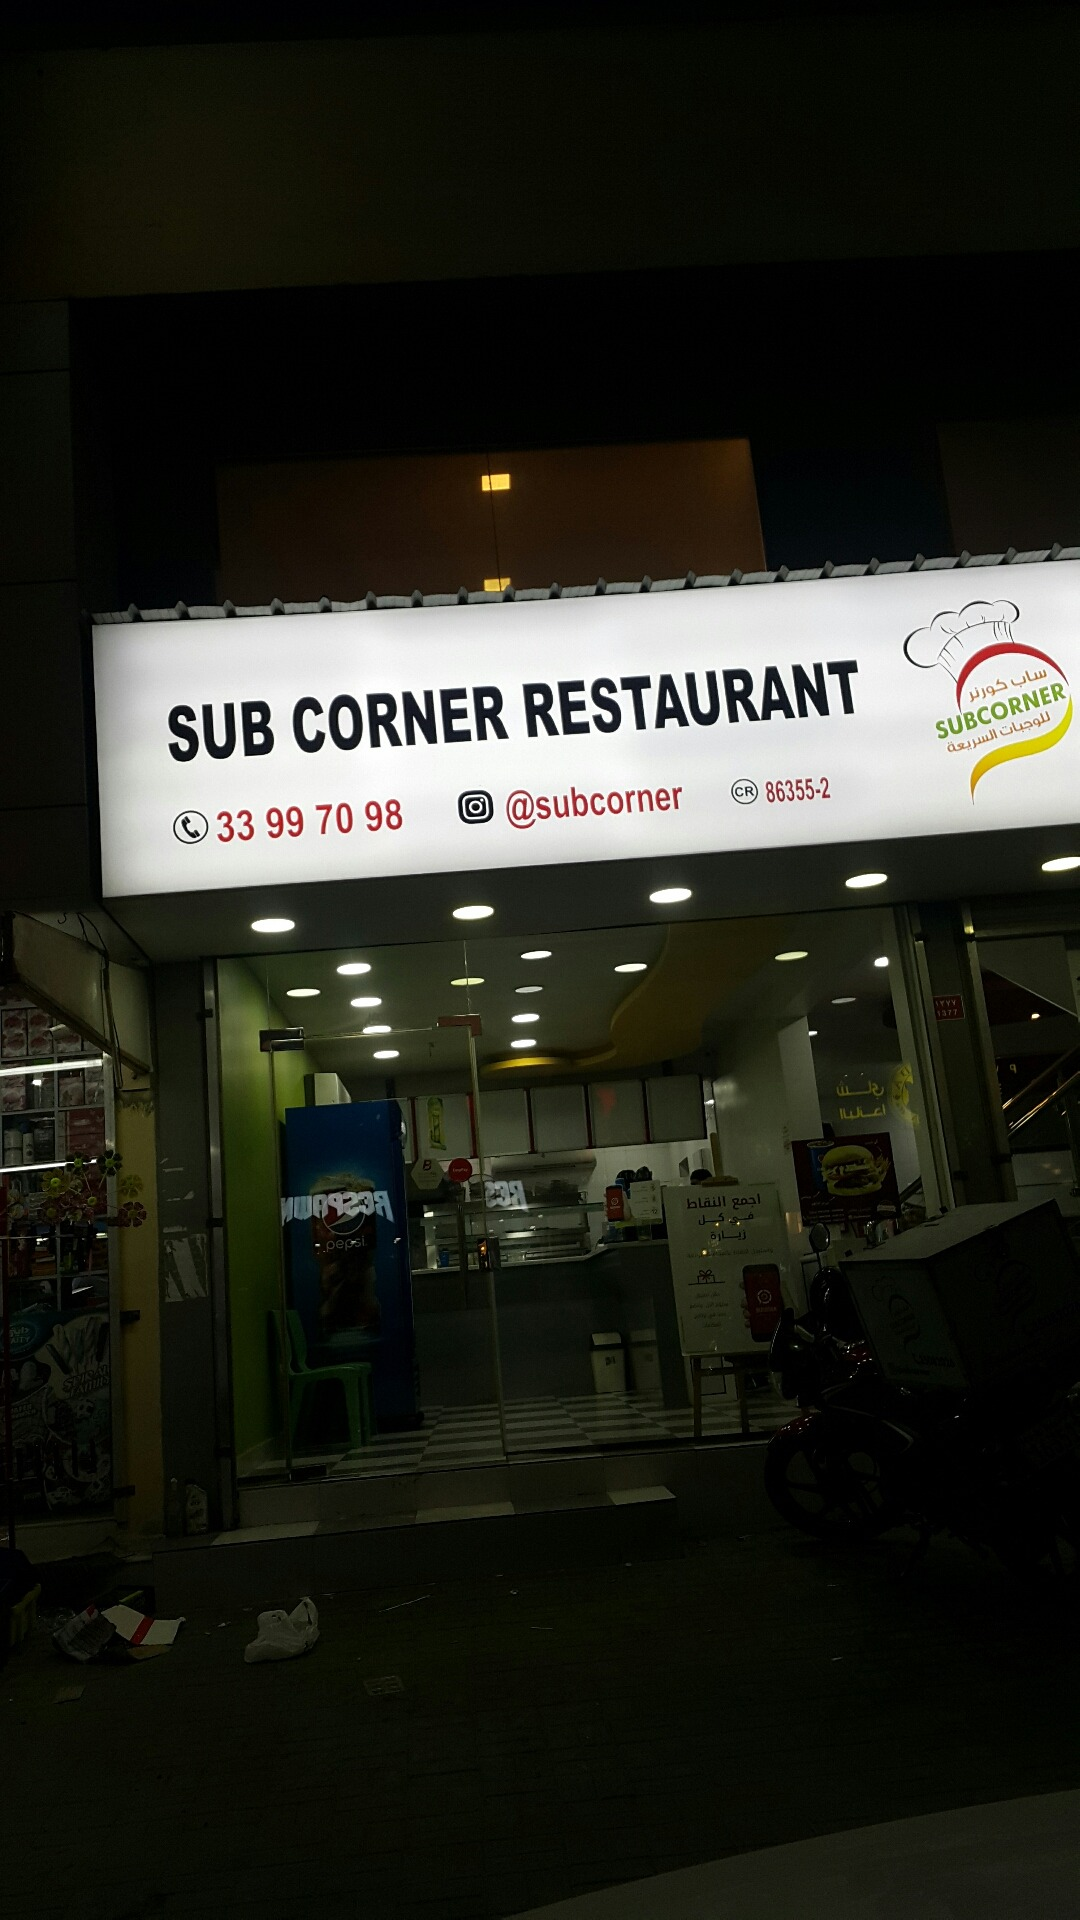 اليوم العشاء من ساب كورنر @ Sub Corner  - Bahrain